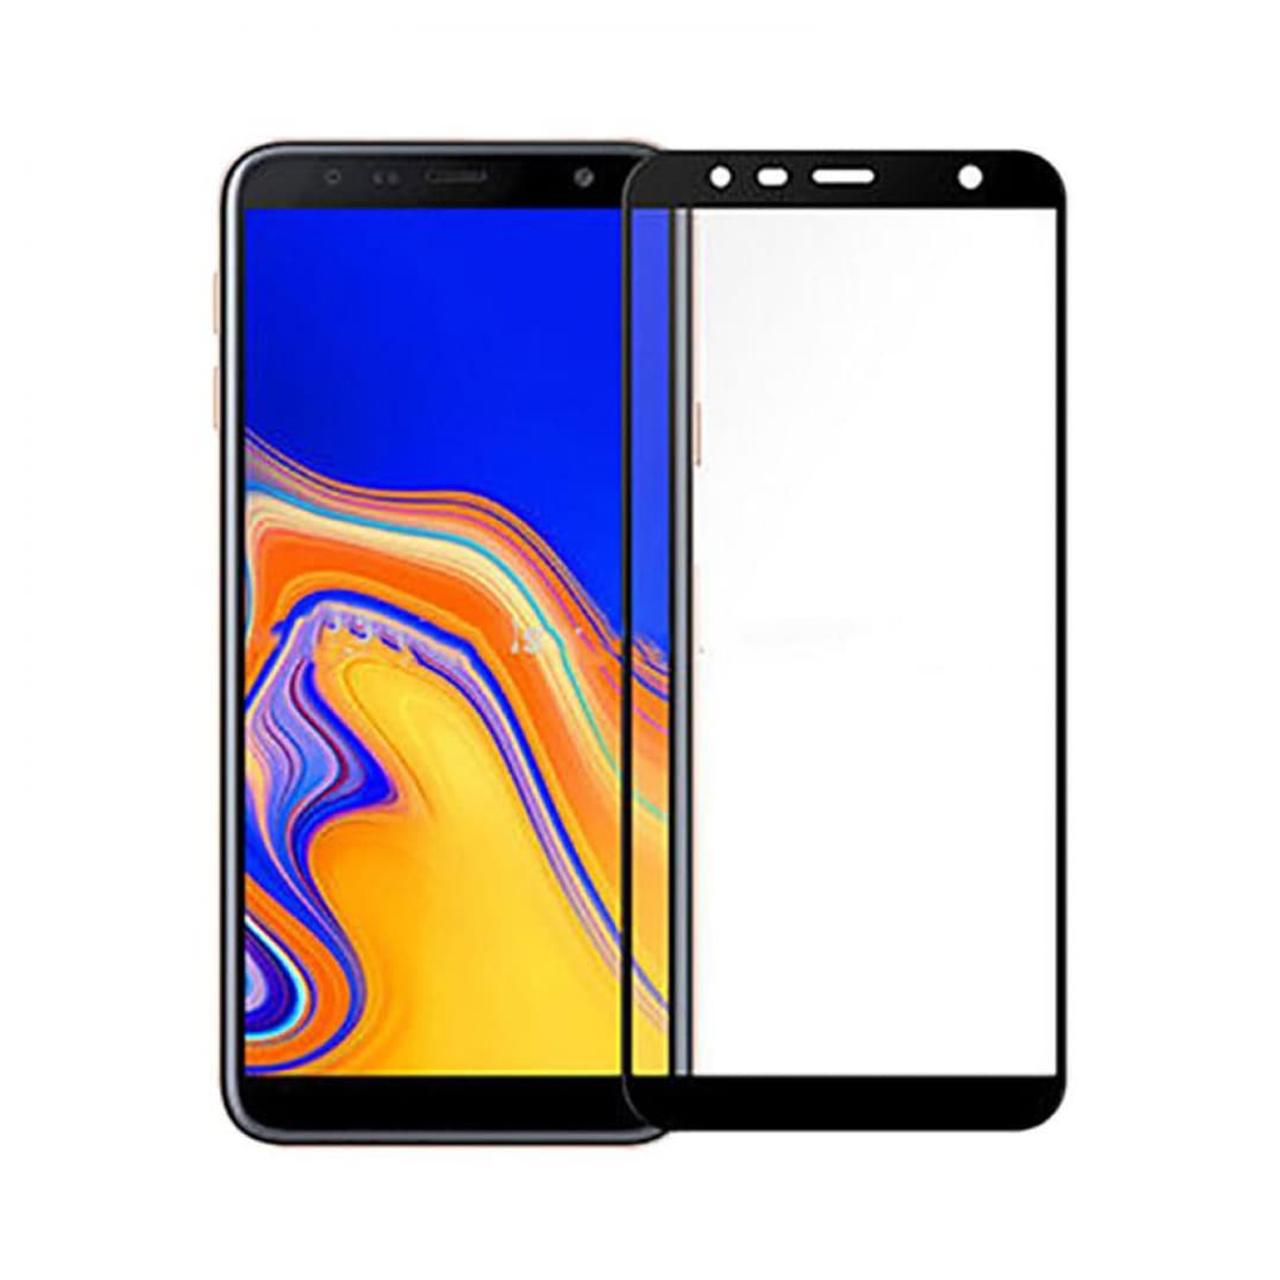 خرید اینترنتی [با تخفیف] محافظ صفحه نمایش نیکسو مدل Full Glue مناسب برای گوشی موبایل سامسونگ گلکسی J6 Plus اورجینال